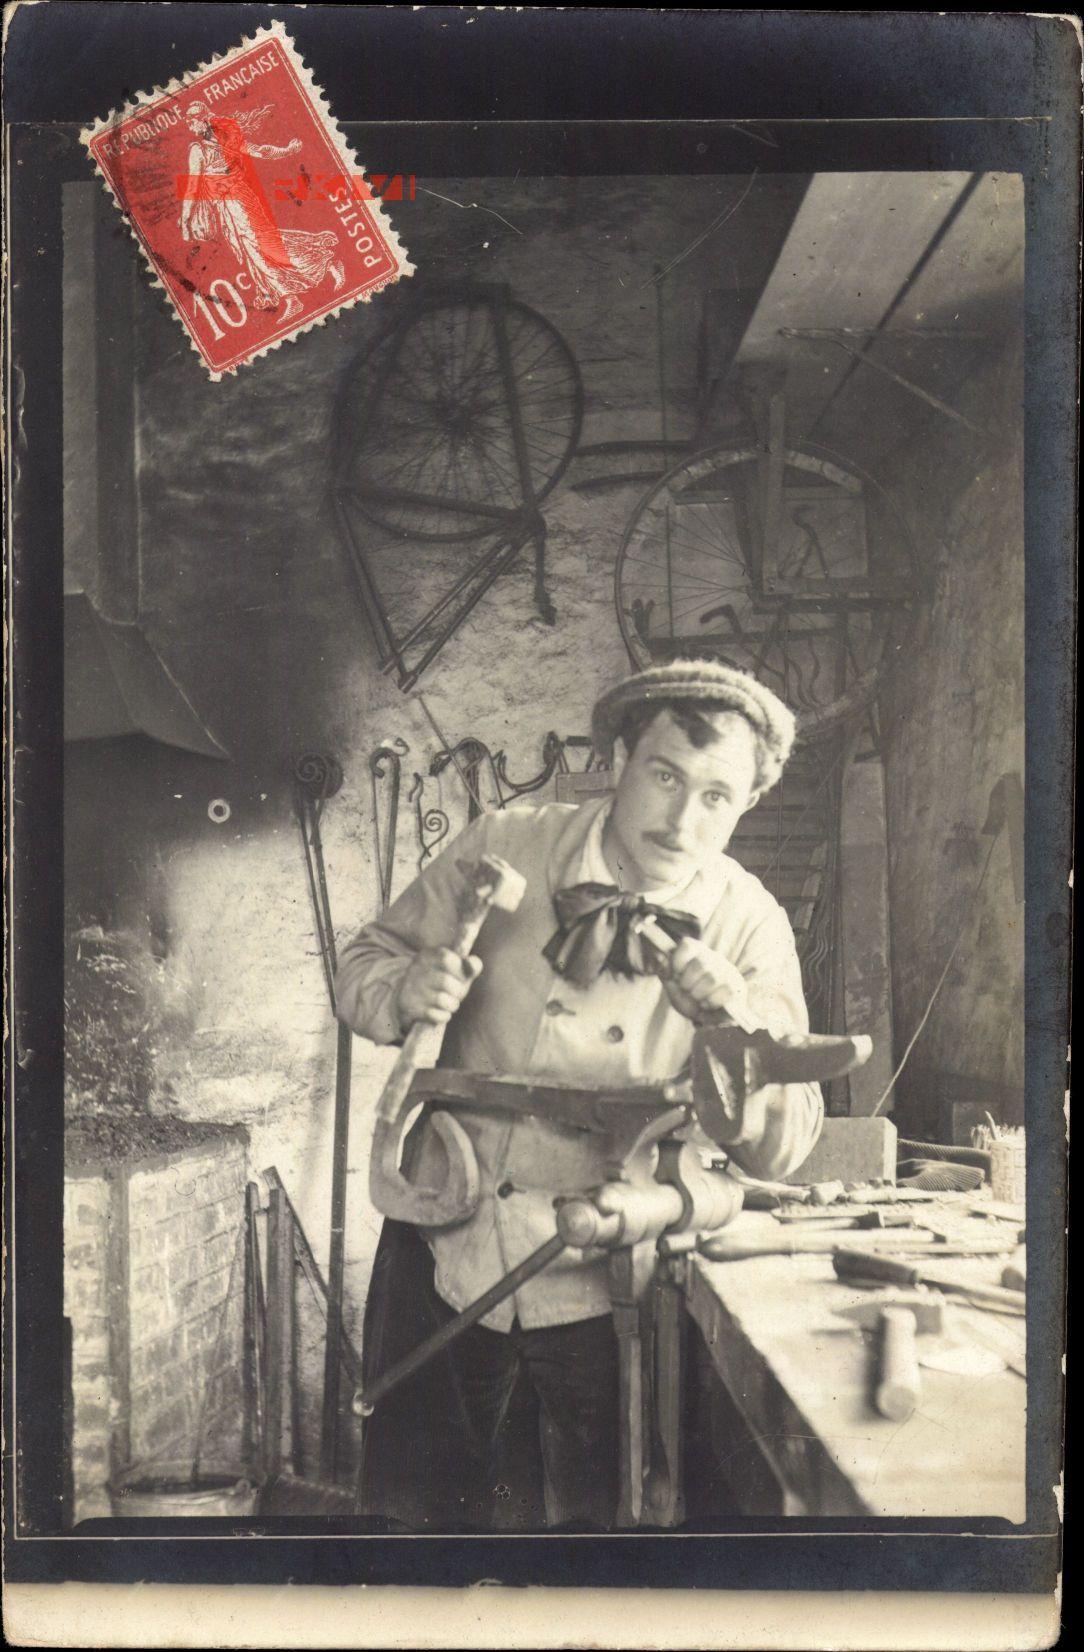 Frankreich, Tischler bei der Arbeit, Meißel, Hammer